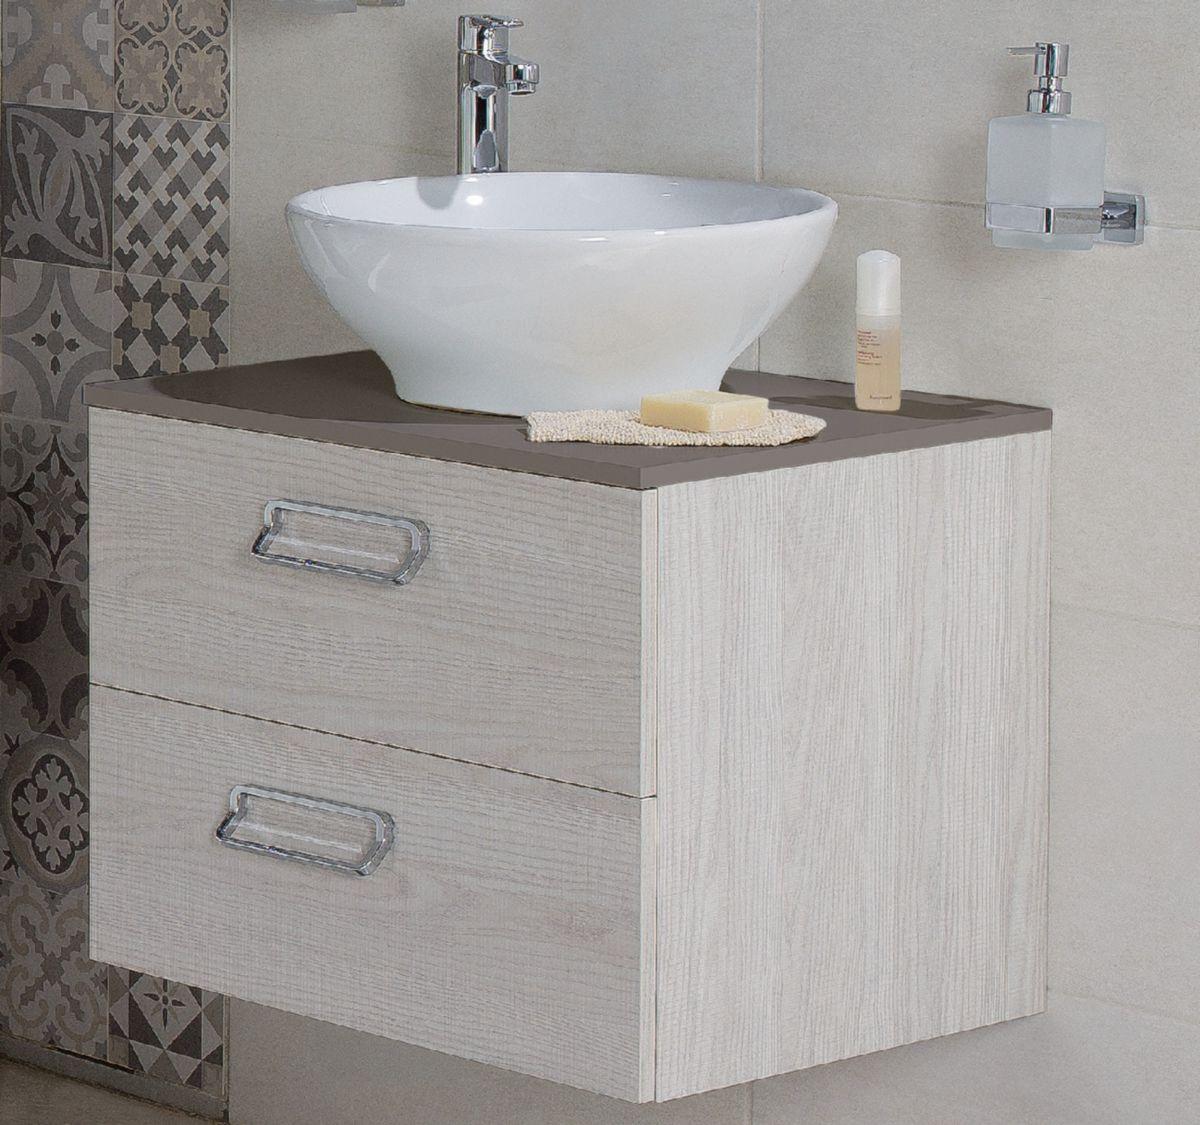 Meuble Salle De Bain Cedeo Alterna ~ plan 60 cm pour vasque poser taupe alterna d coration